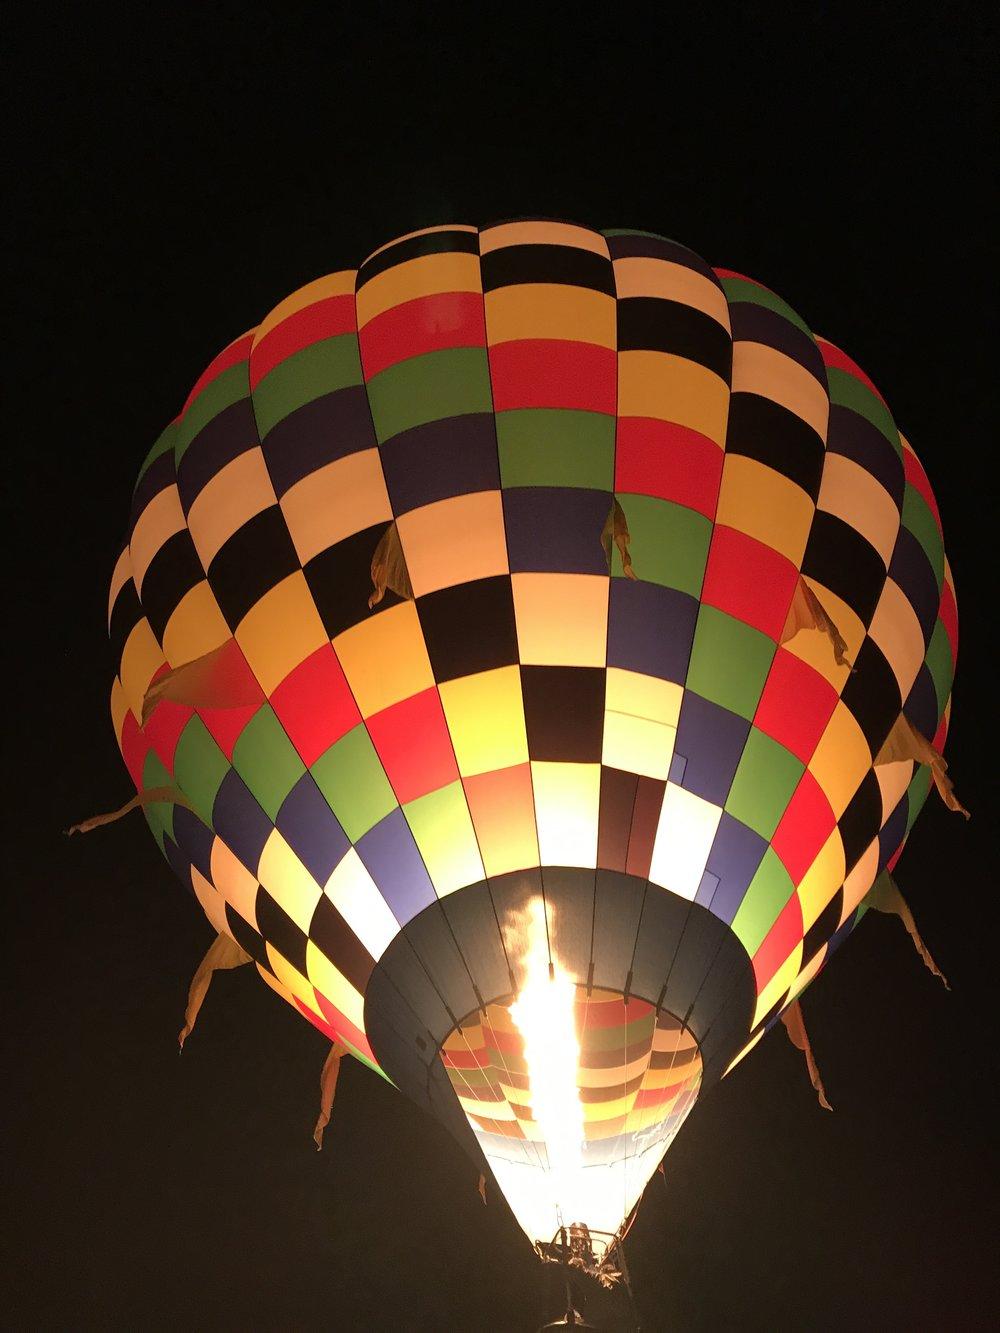 Balloon Glow - Albuquerque Balloon Fiesta